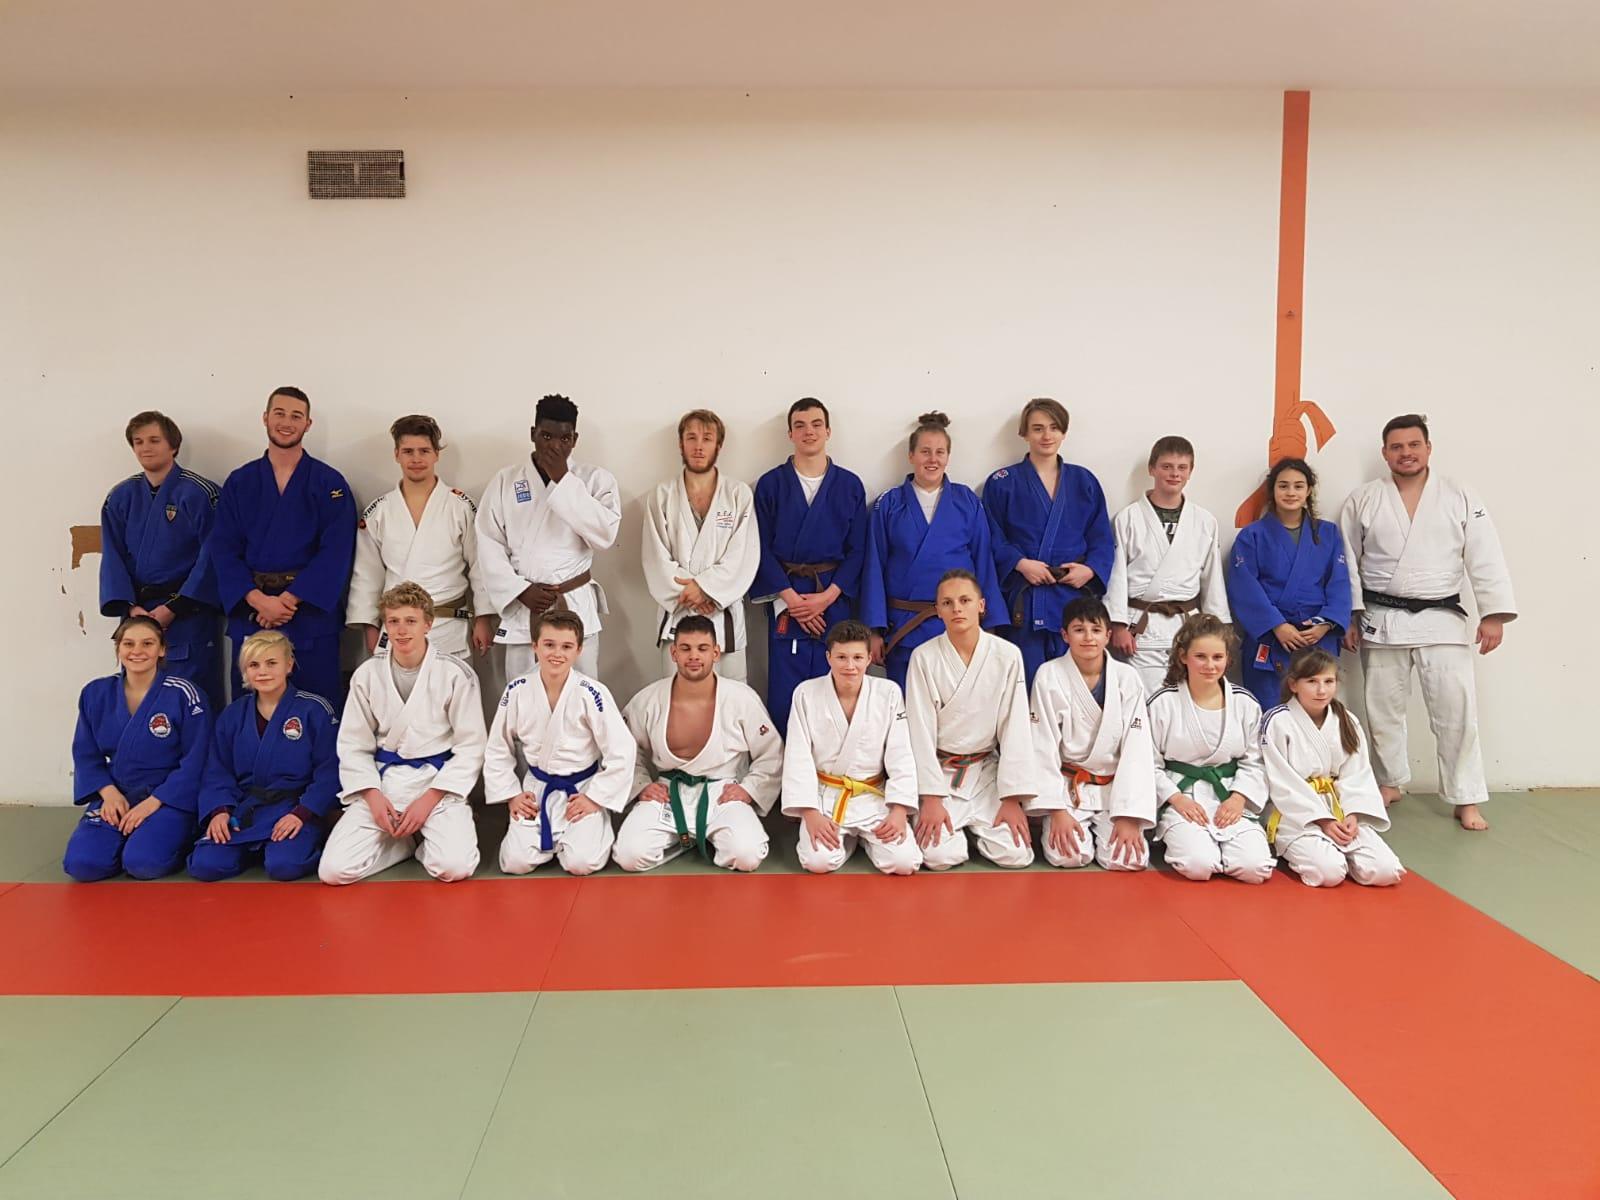 Auftaktveranstaltung zur Wiederaufnahme des regelmäßigen Landestrainings beim Saarländischen Judobund